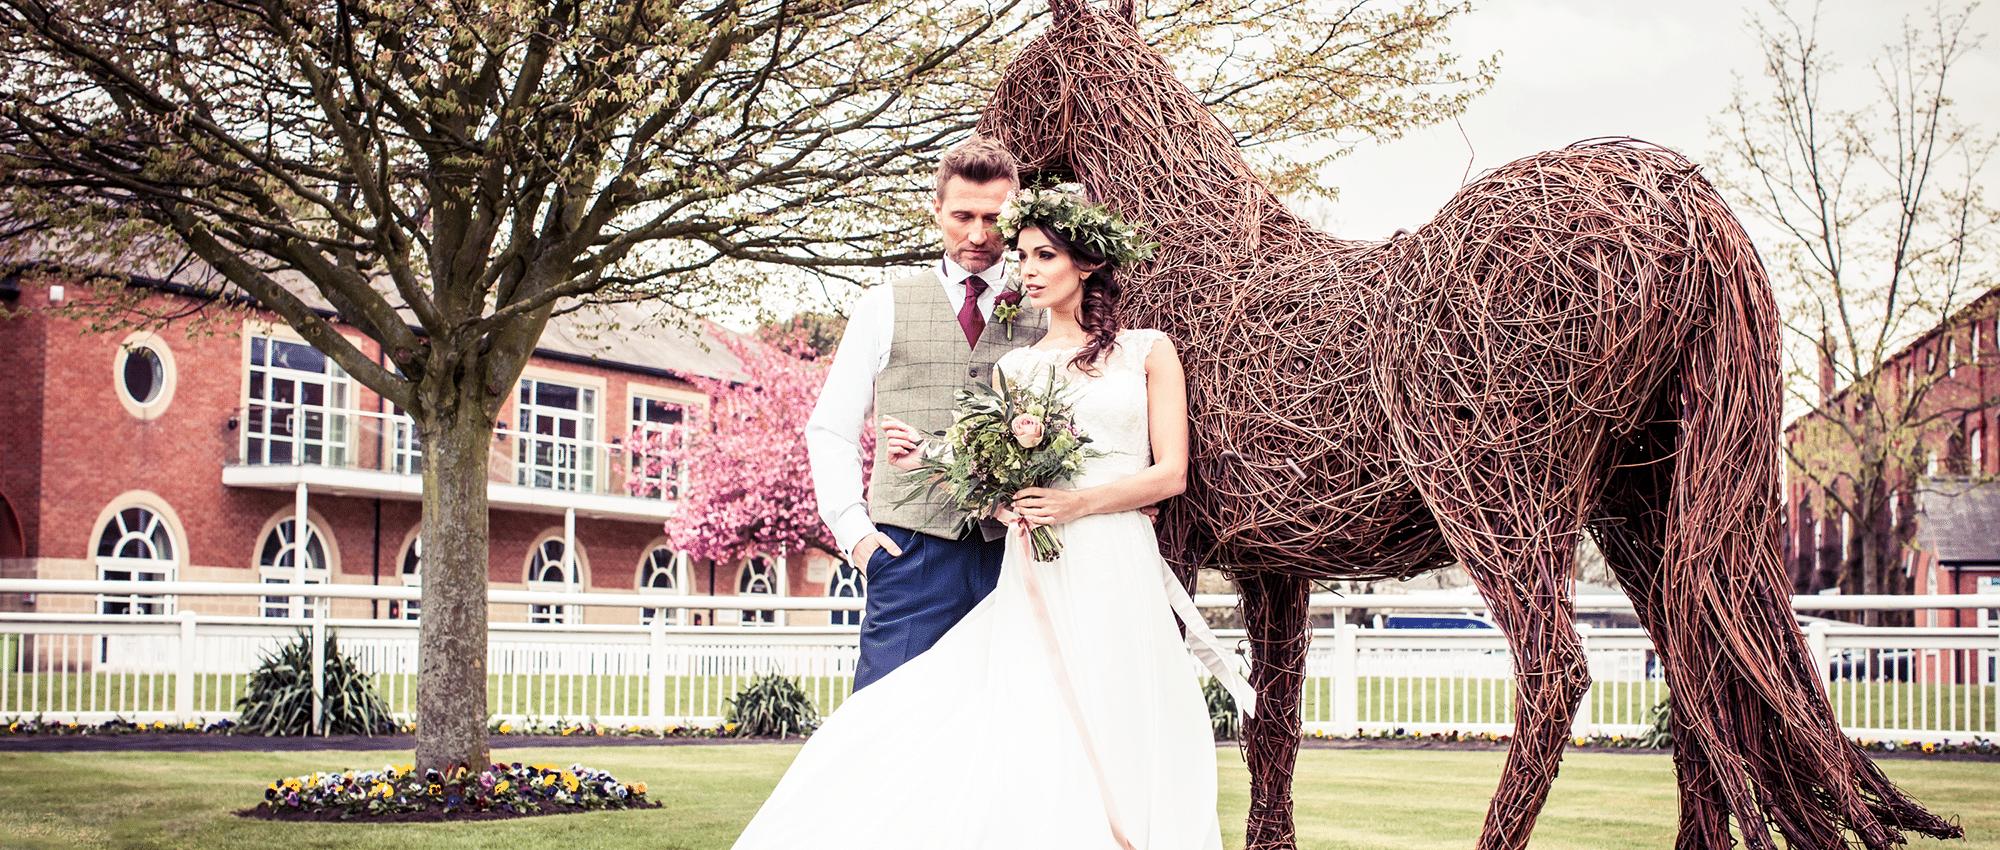 bridal shop york, FAQ's, The Bridal Affair featuring Curvy Bridal